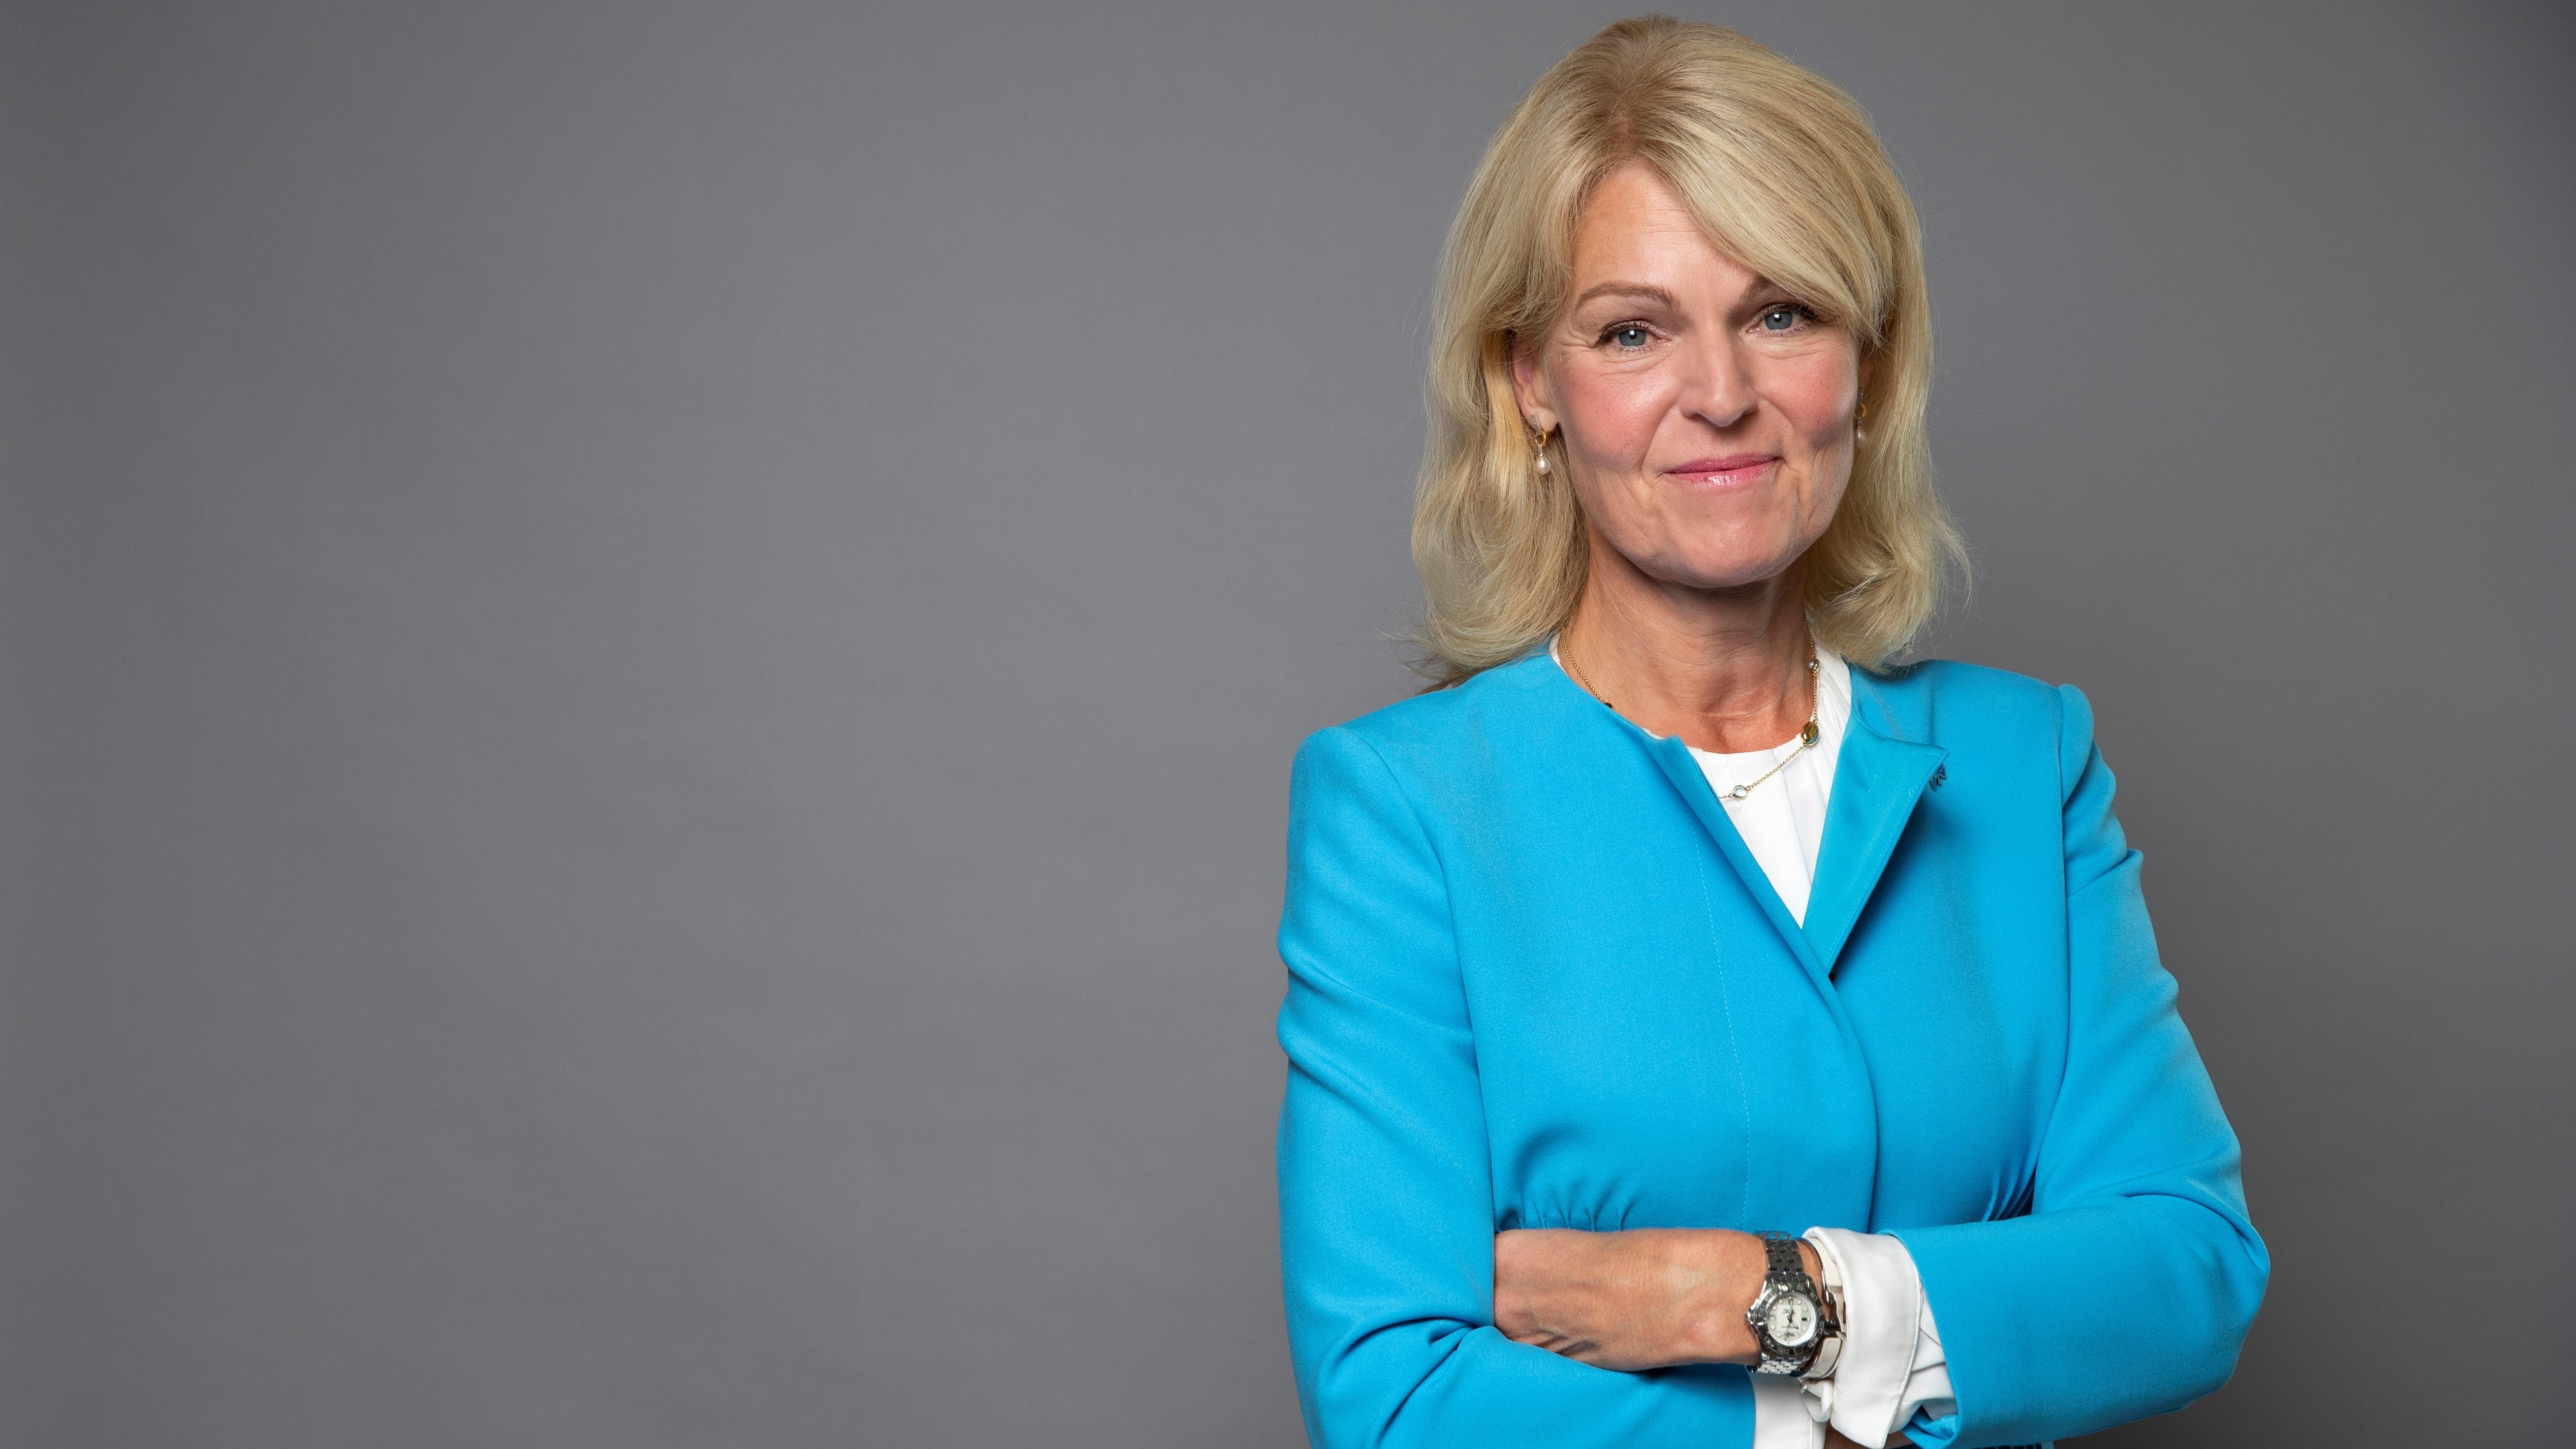 I veckan gör utrikeshandelsminister Anna Hallberg ett digitalt besök hos Region Dalarna. Foto: Kristian Pohl/Regeringskansliet